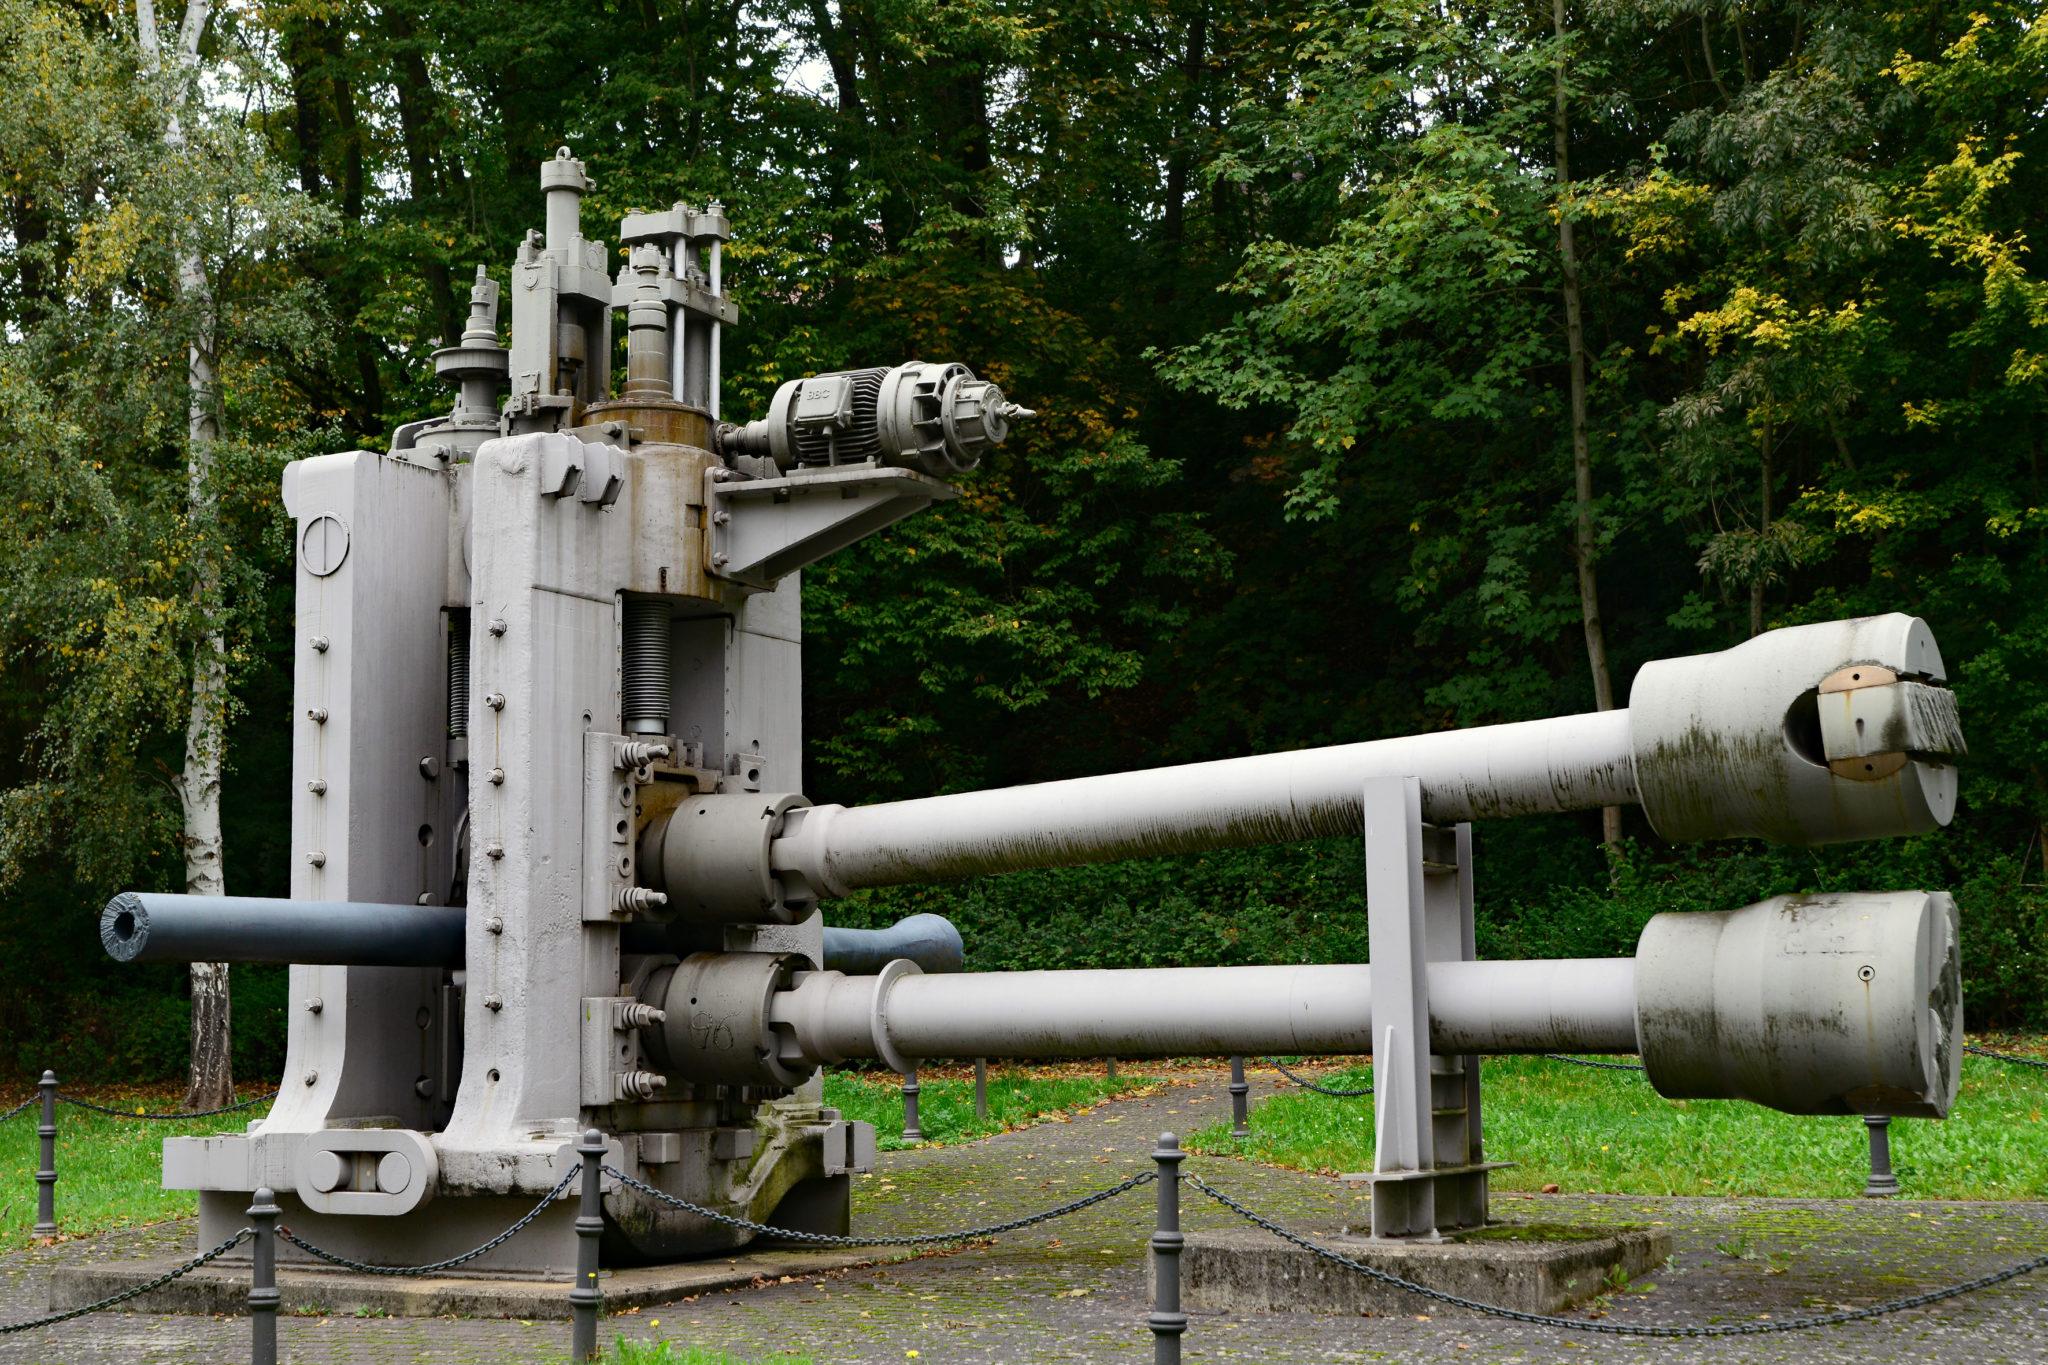 zu sehen ist das Industriedenkmal Pilgerwalze mit der nahtlosen Roehre